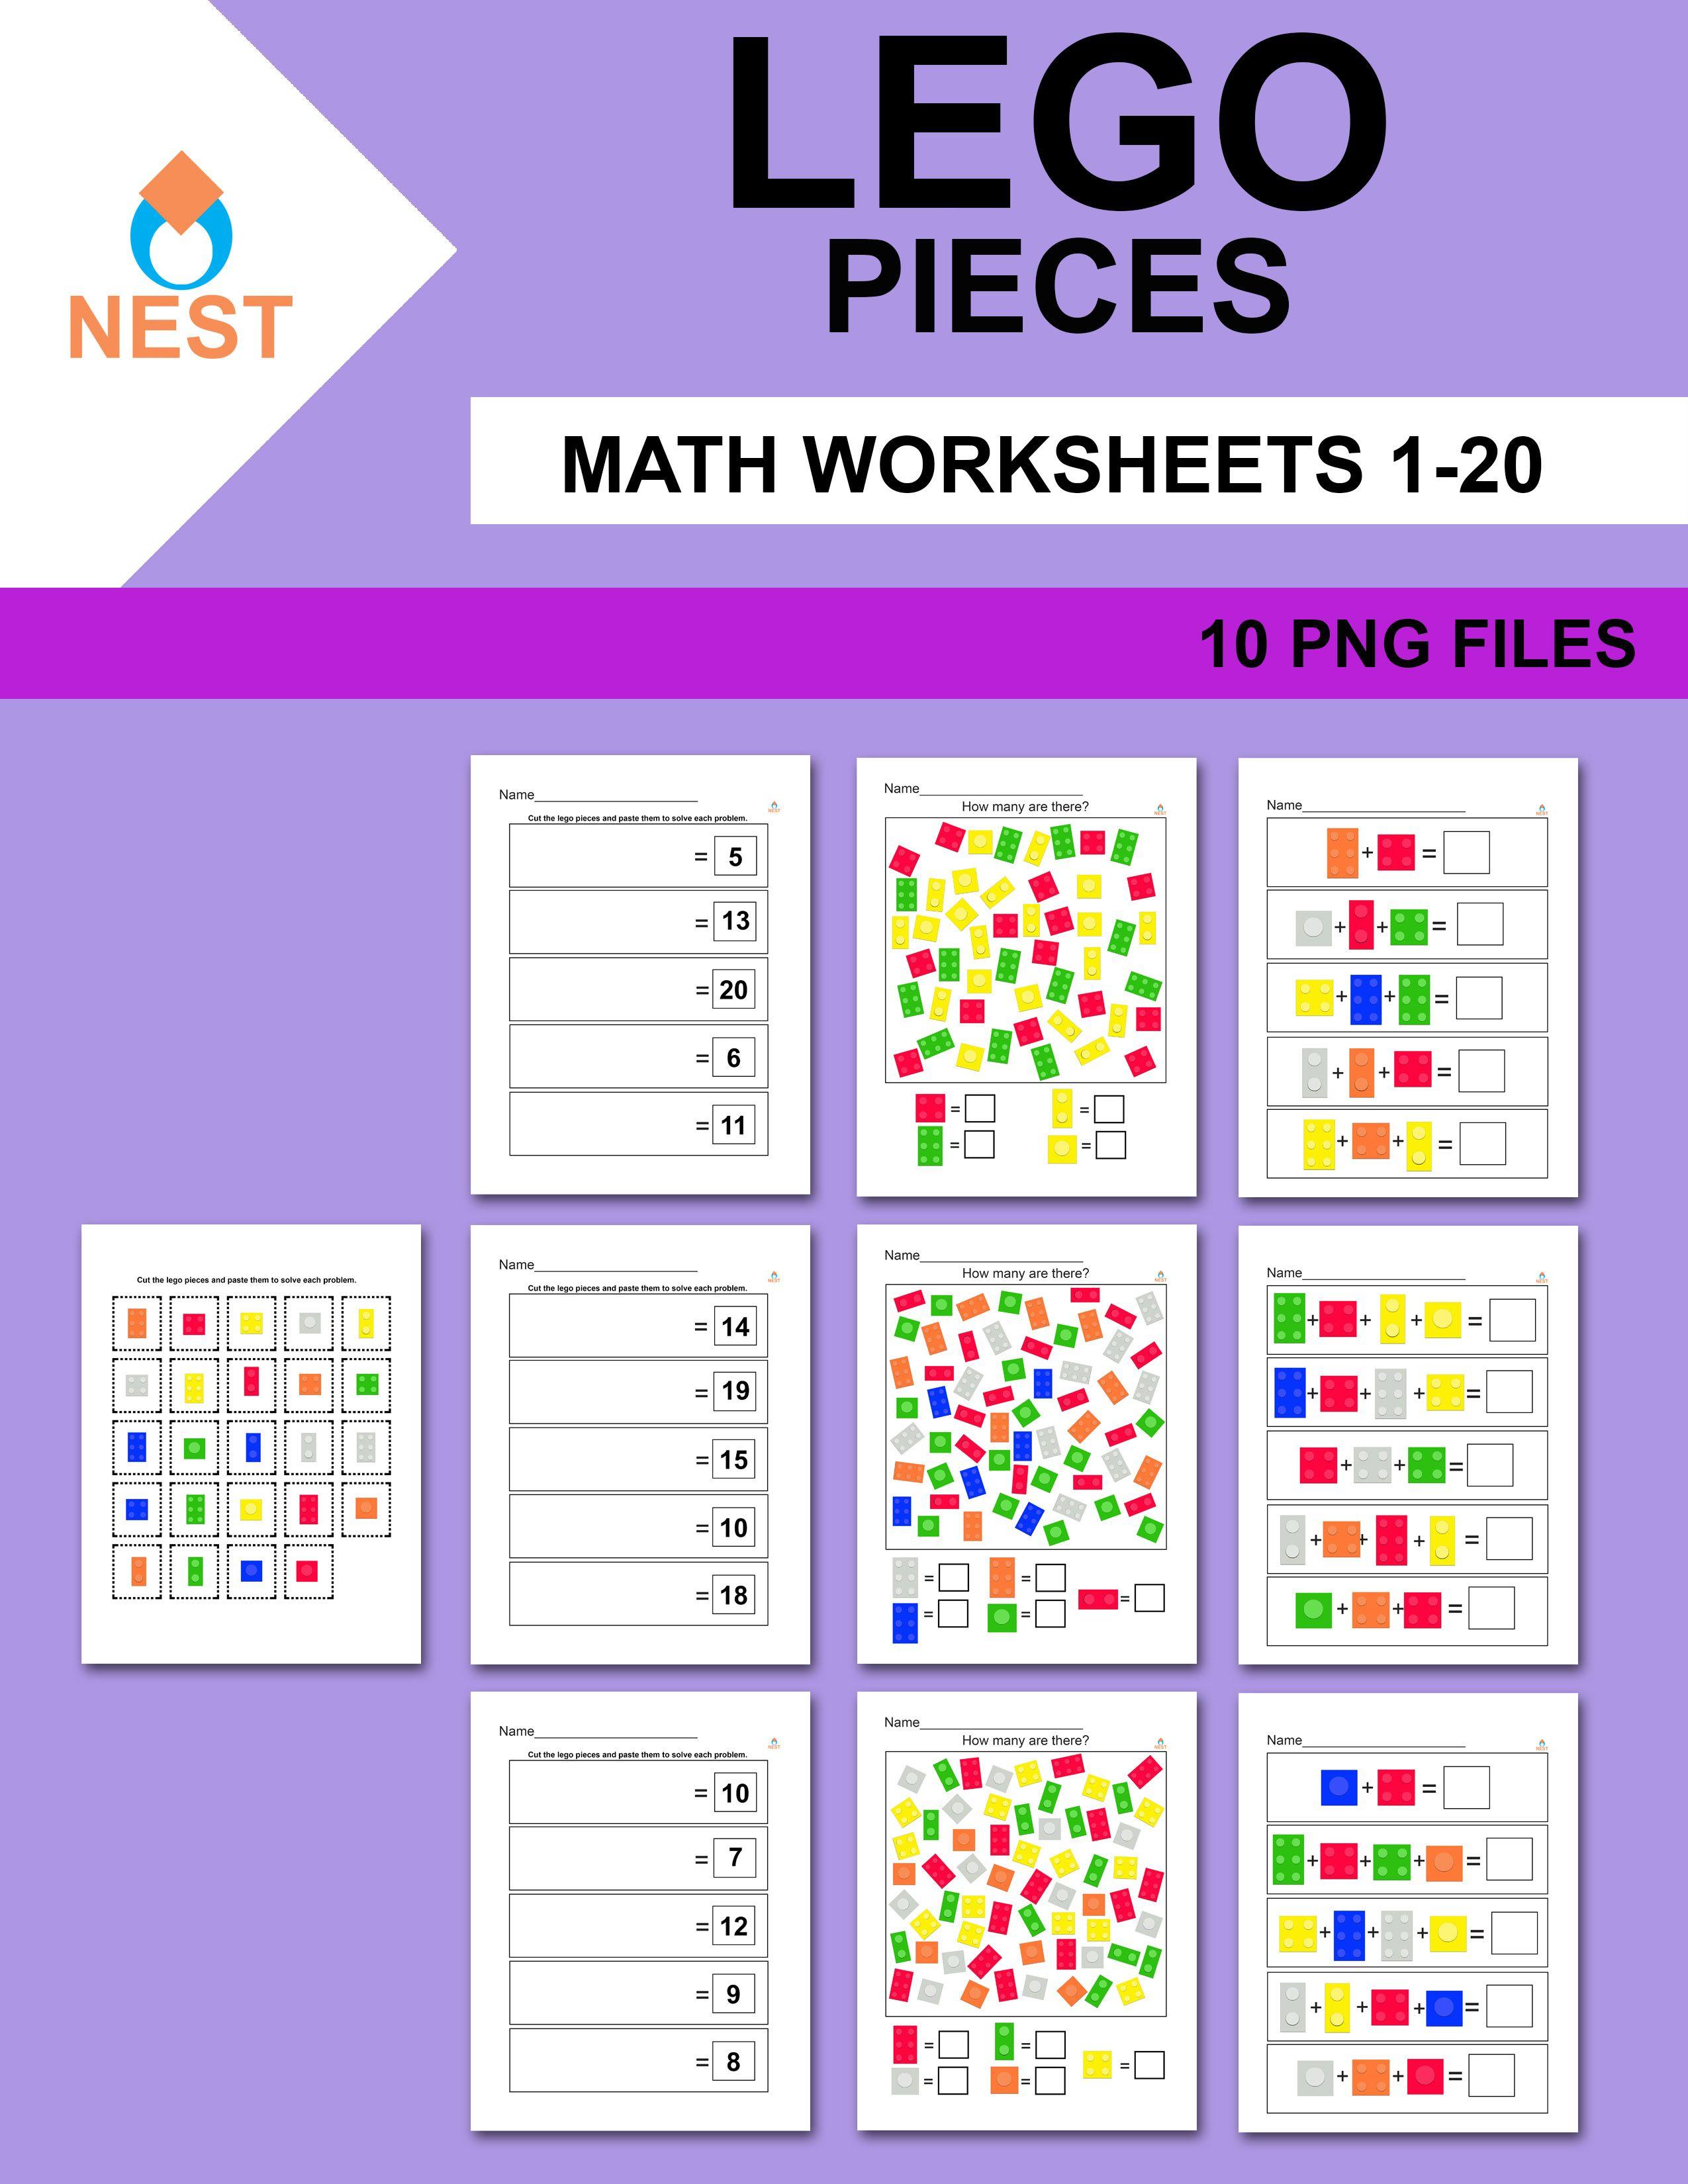 Lego Math Worksheets Math Math Worksheets Lego Math [ 3300 x 2550 Pixel ]